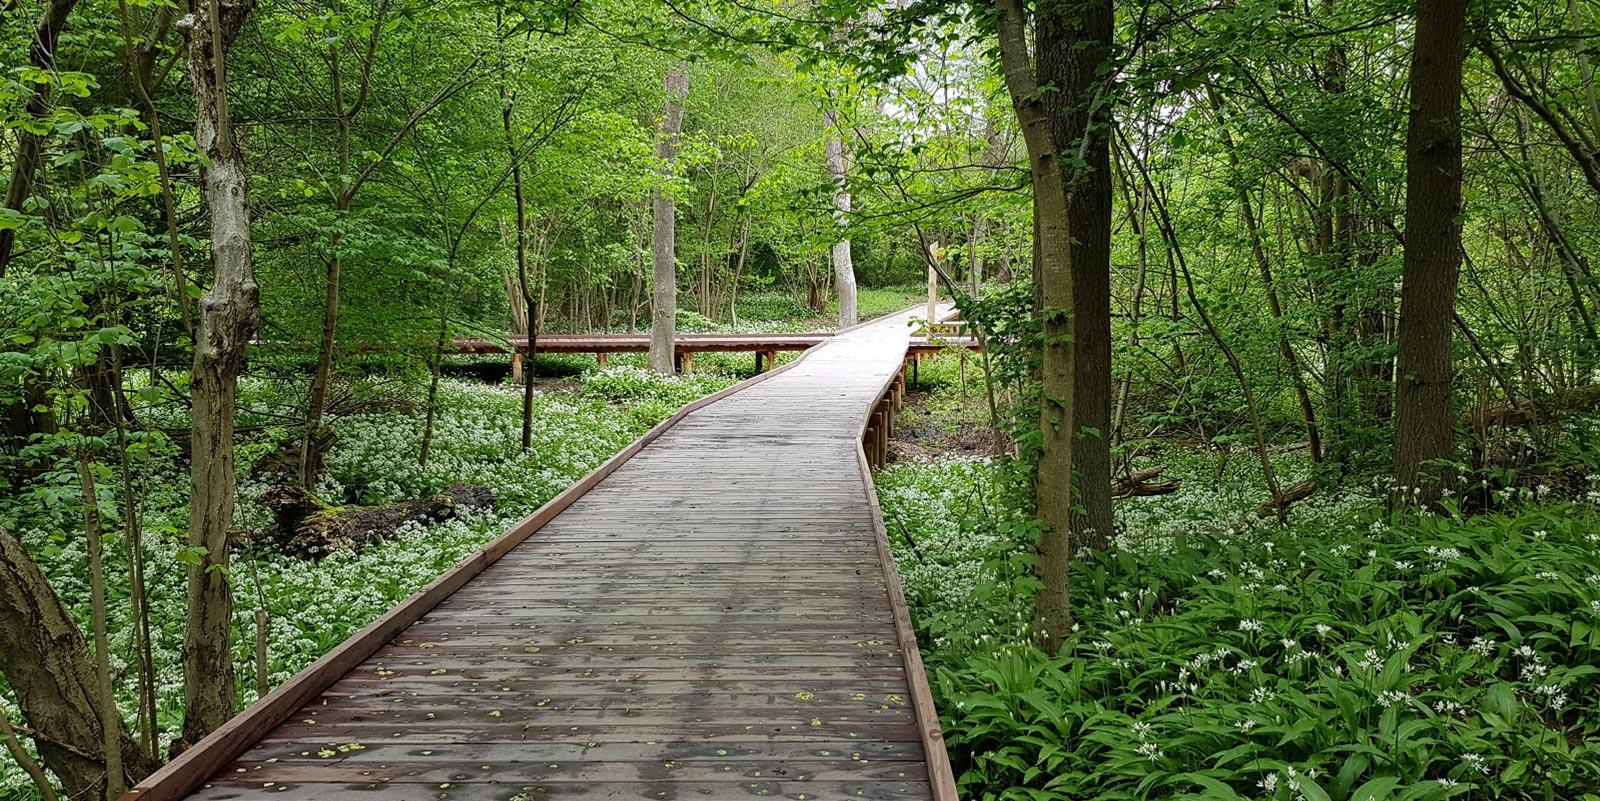 En boardwalk der løber gennem en skov med træer og ramsløg i skovbunden på begge sider